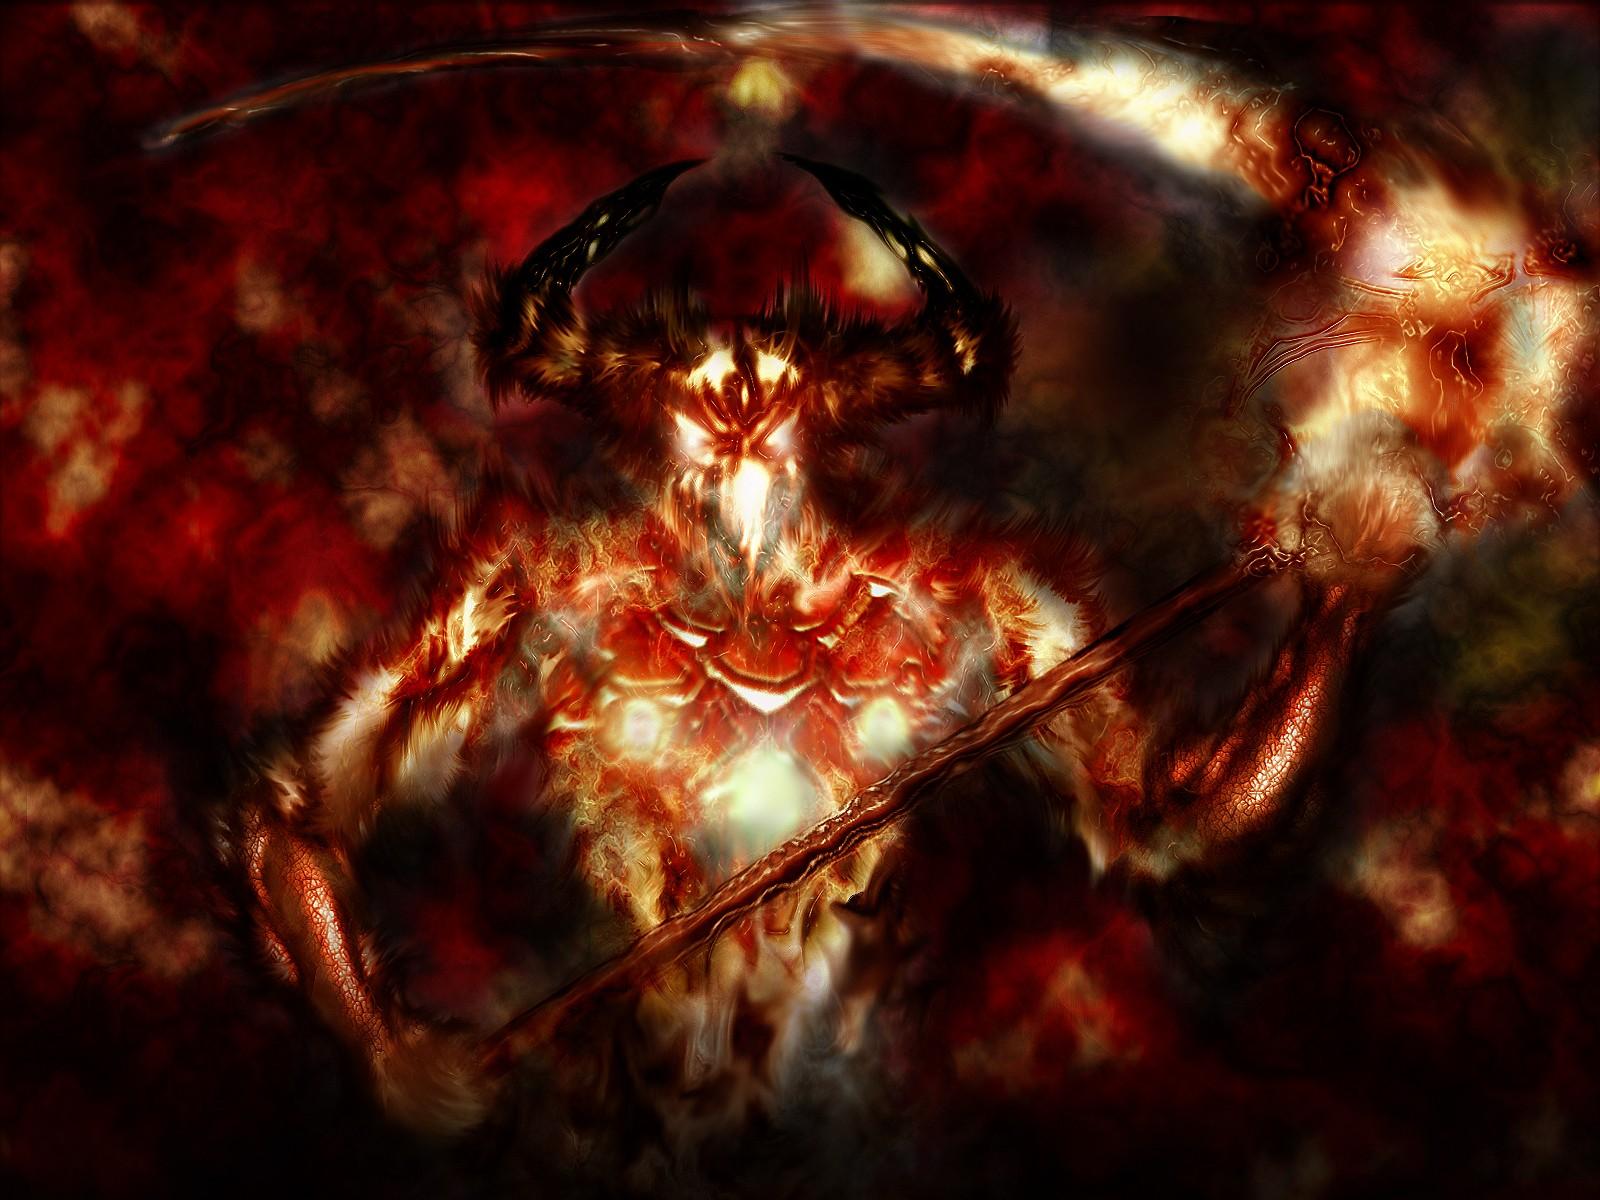 ... Reaper horror skeletons skull creepy demon evil wallpaper background